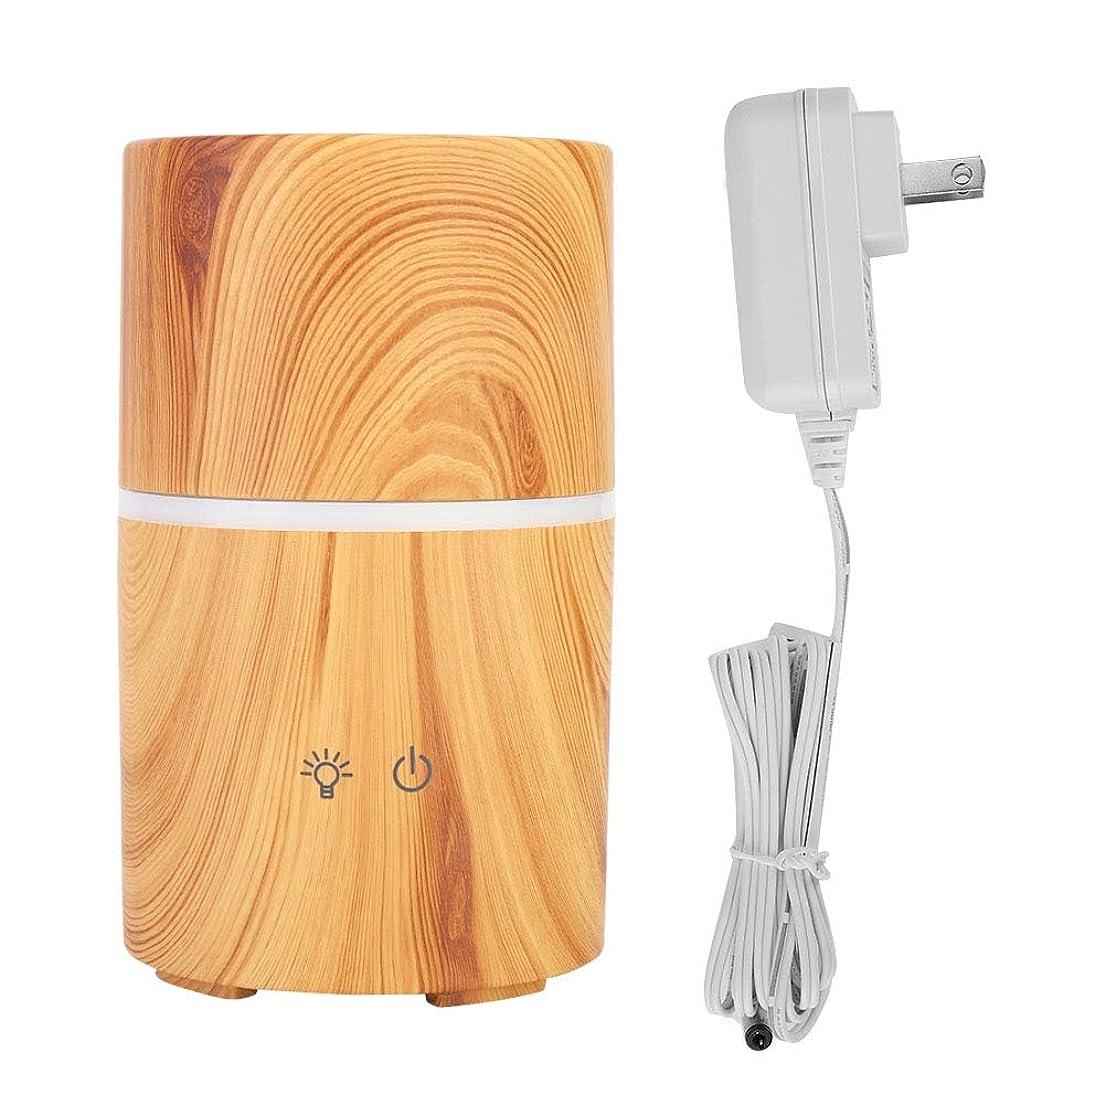 やがてゲーム強盗アロマセラピーディフューザー、多目的木目LEDインテリジェントディフューザーワイヤレススピーカー加湿器家庭用装飾(USプラグ100-240V)